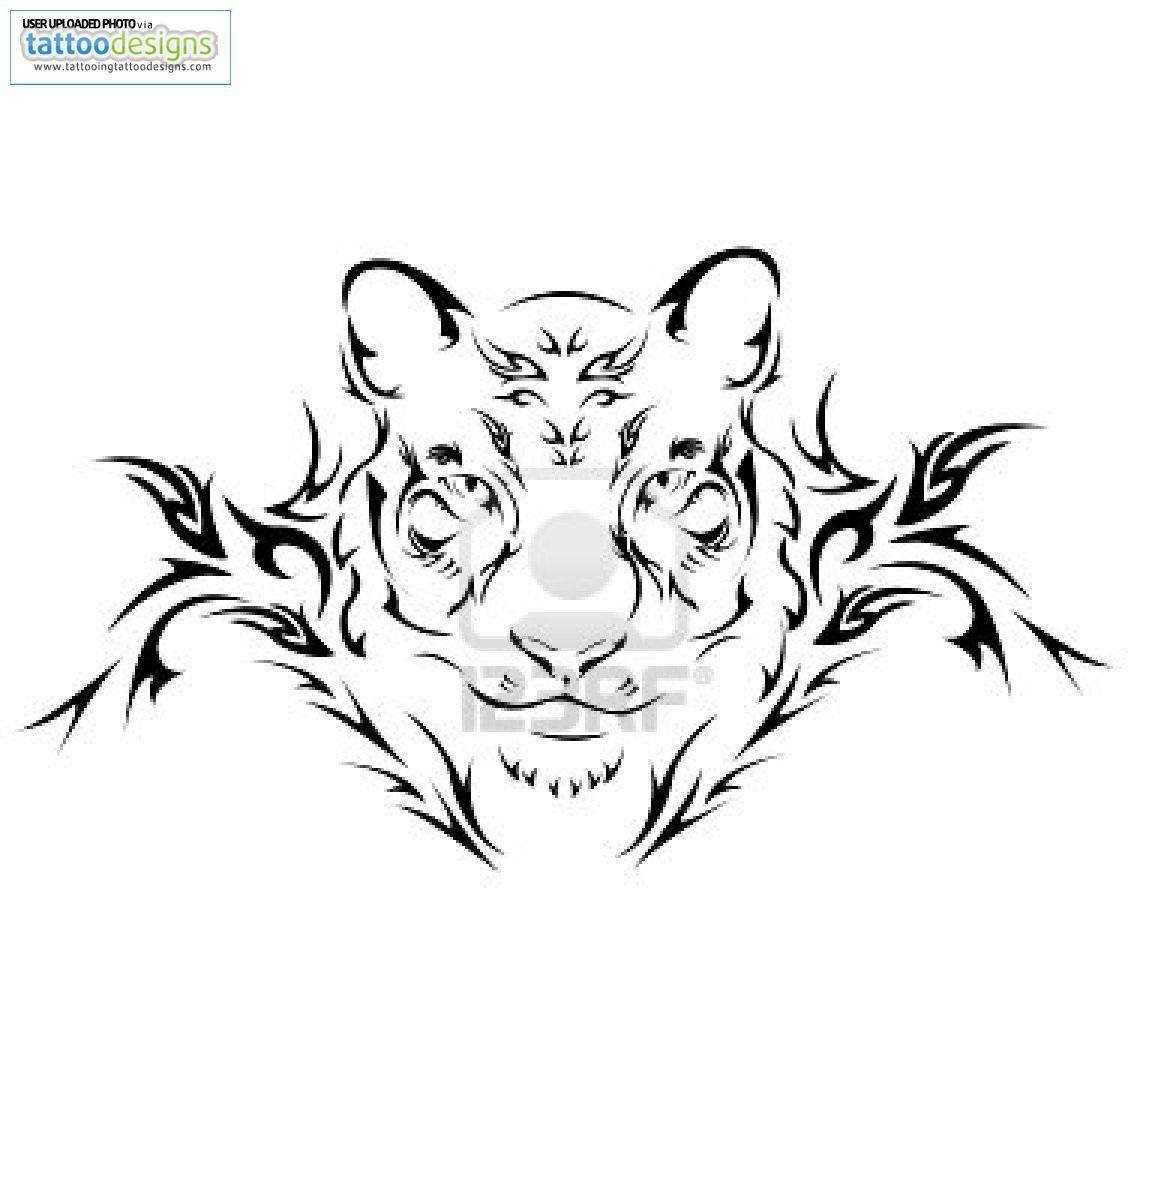 Pin By Bobbi Maffeo On Drawing Ideas Tiger Tattoo Design Tribal Tattoos Tribal Tiger